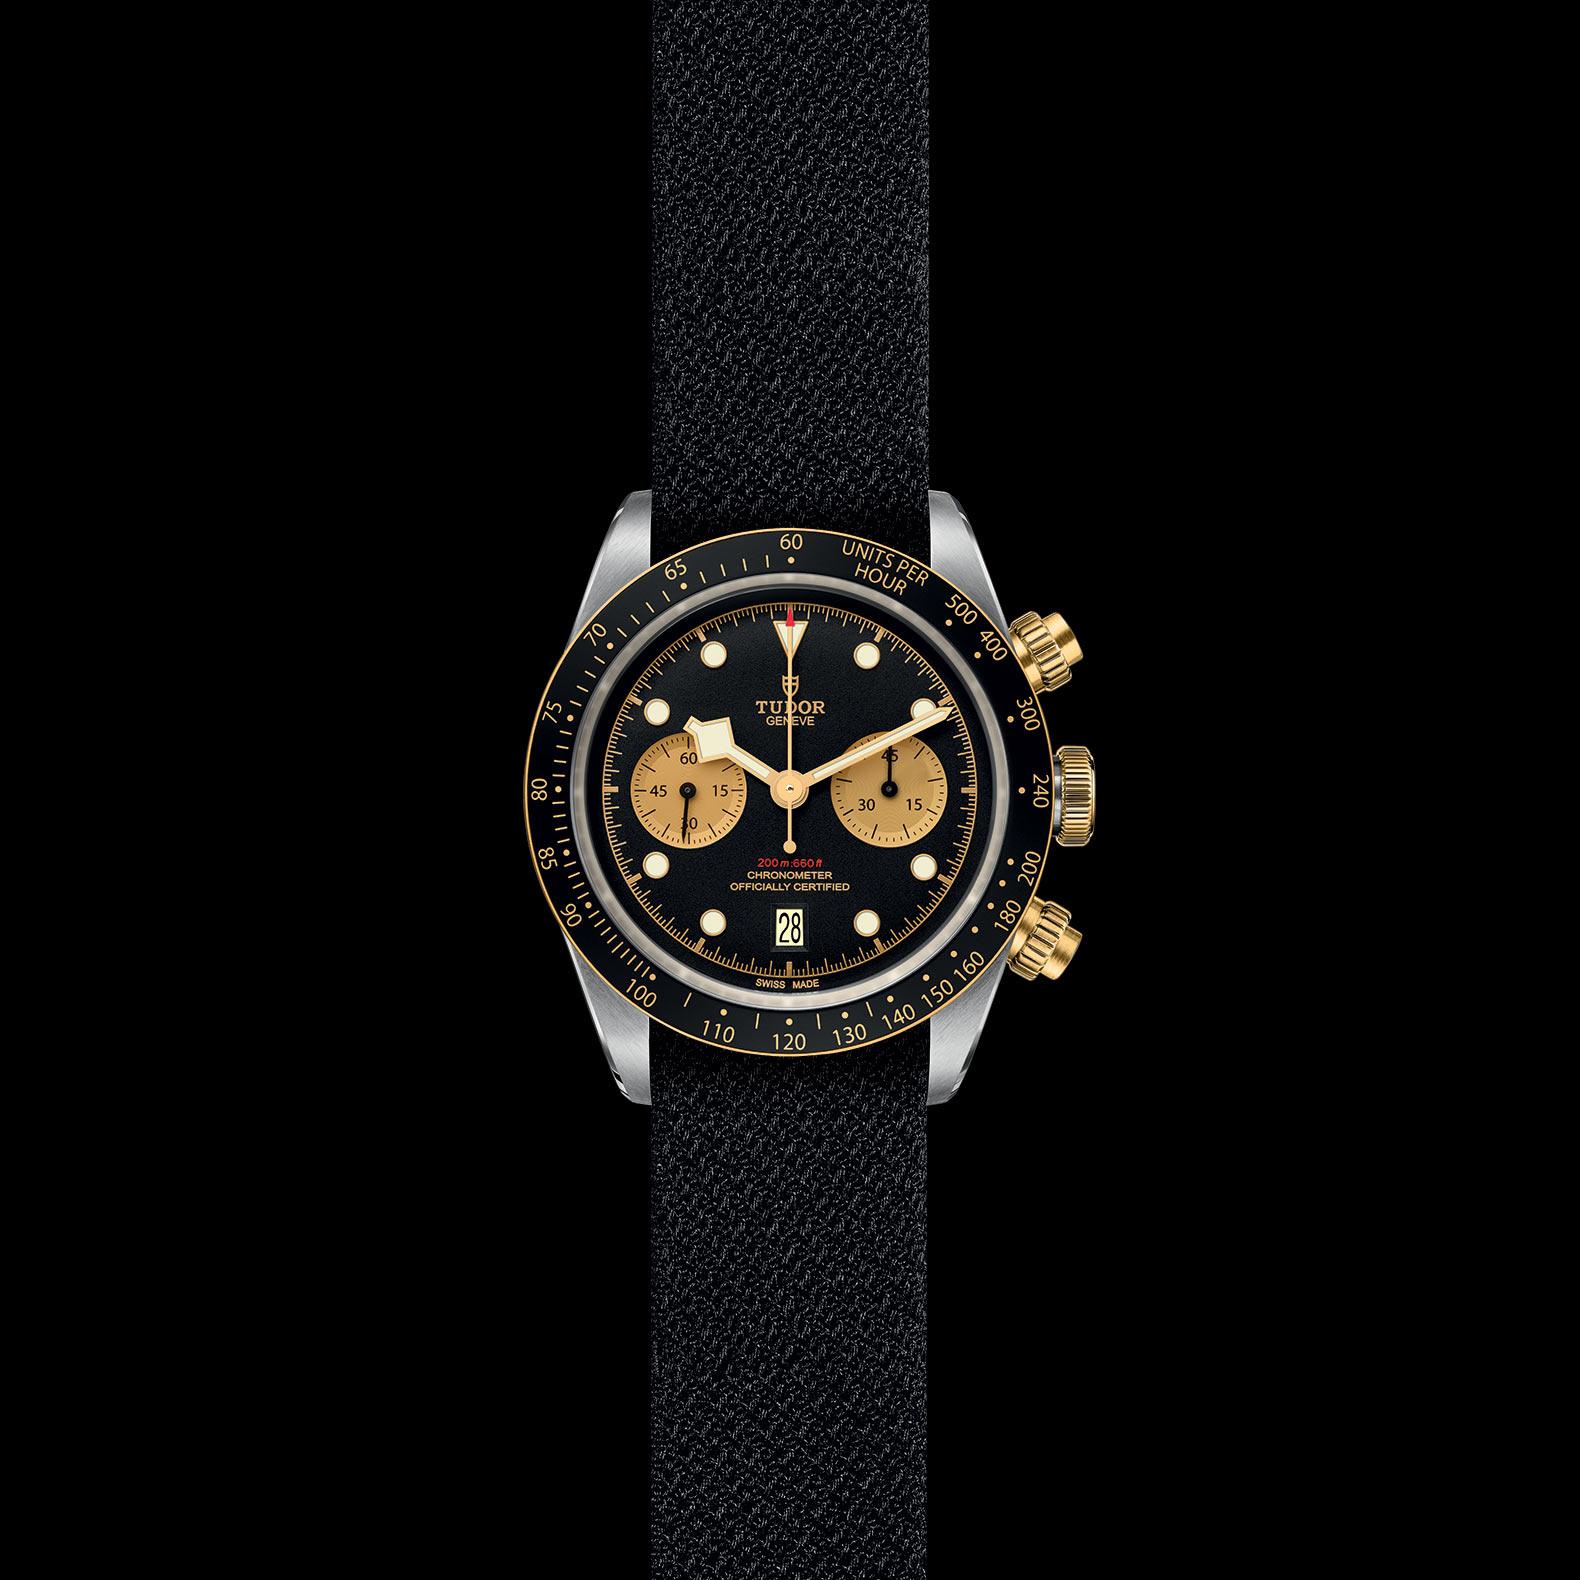 Reloj Tudor Black Bay Chrono Automático en acero y oro amarillo 18k. Esfera negra e indicador de fecha.